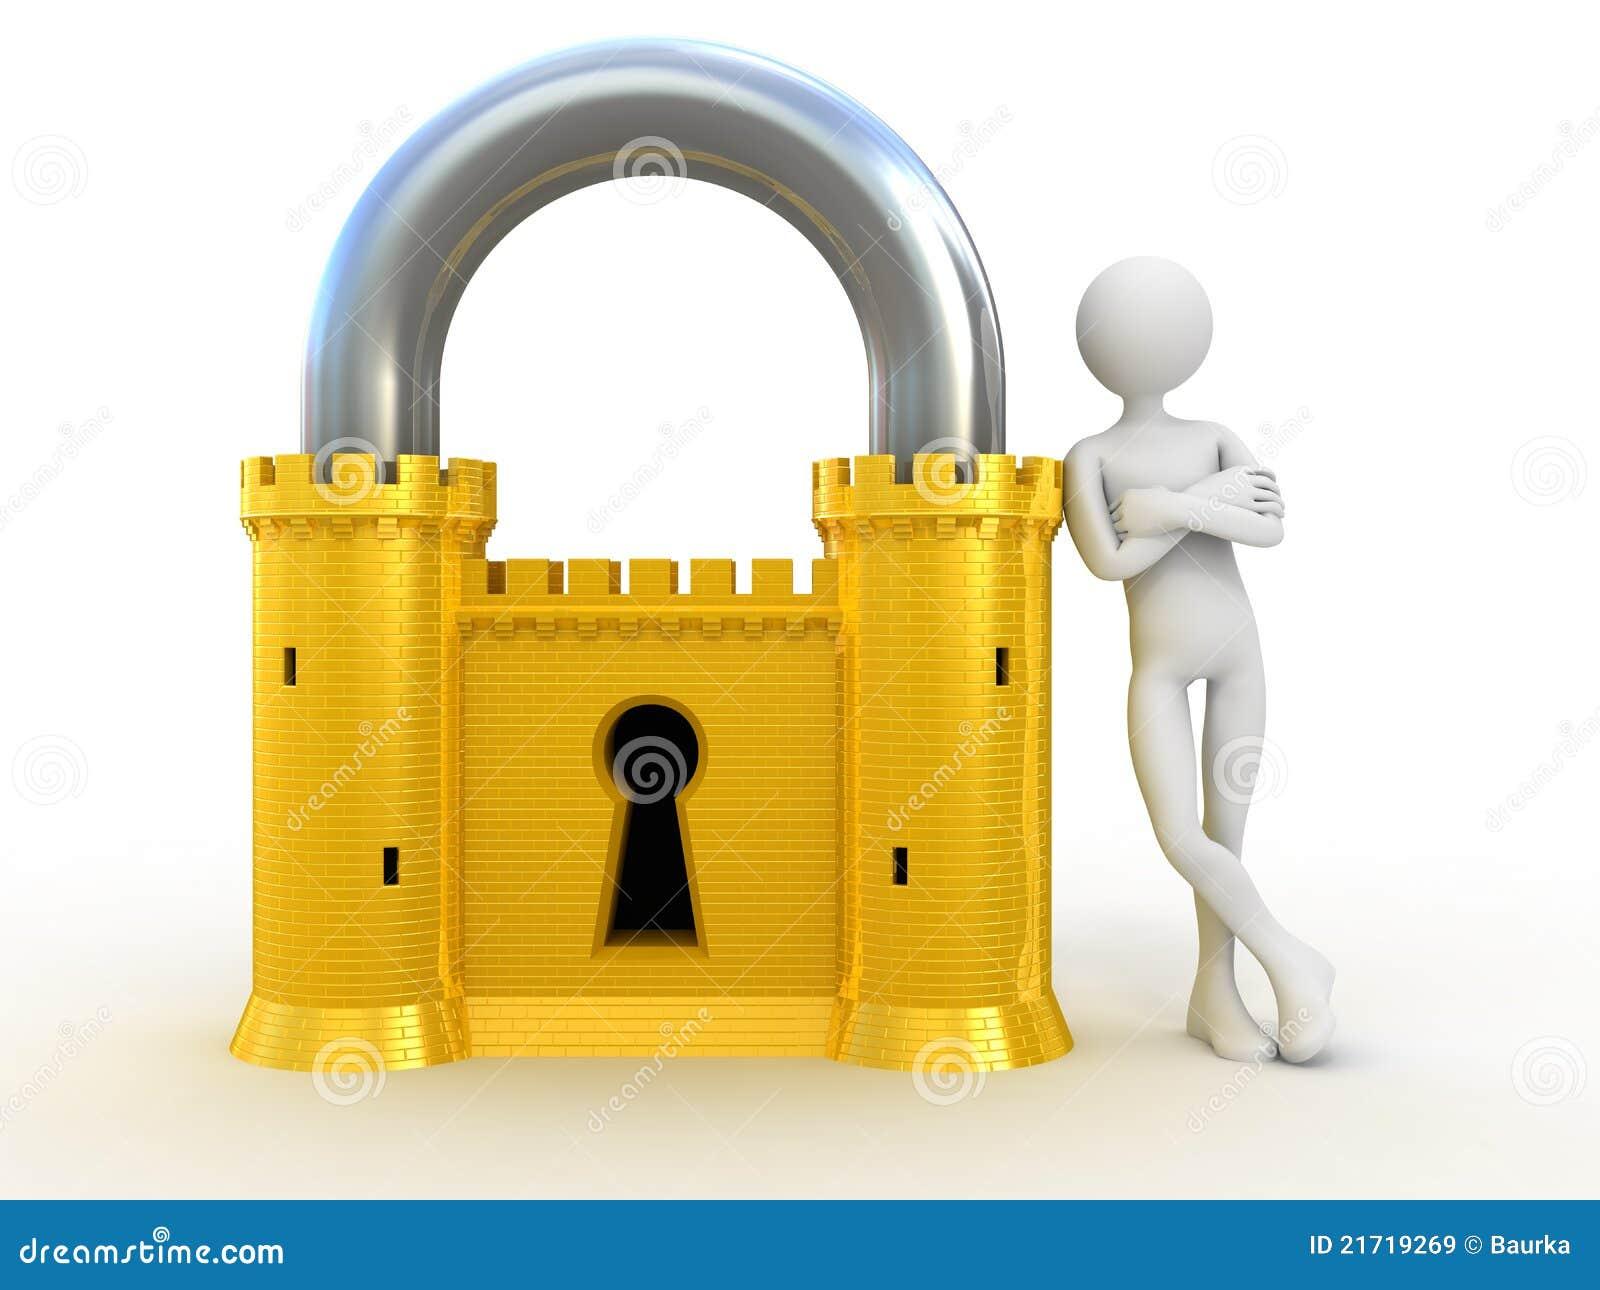 Sistema de seguridad confiable im genes de archivo libres - Sistemas de seguridad ...